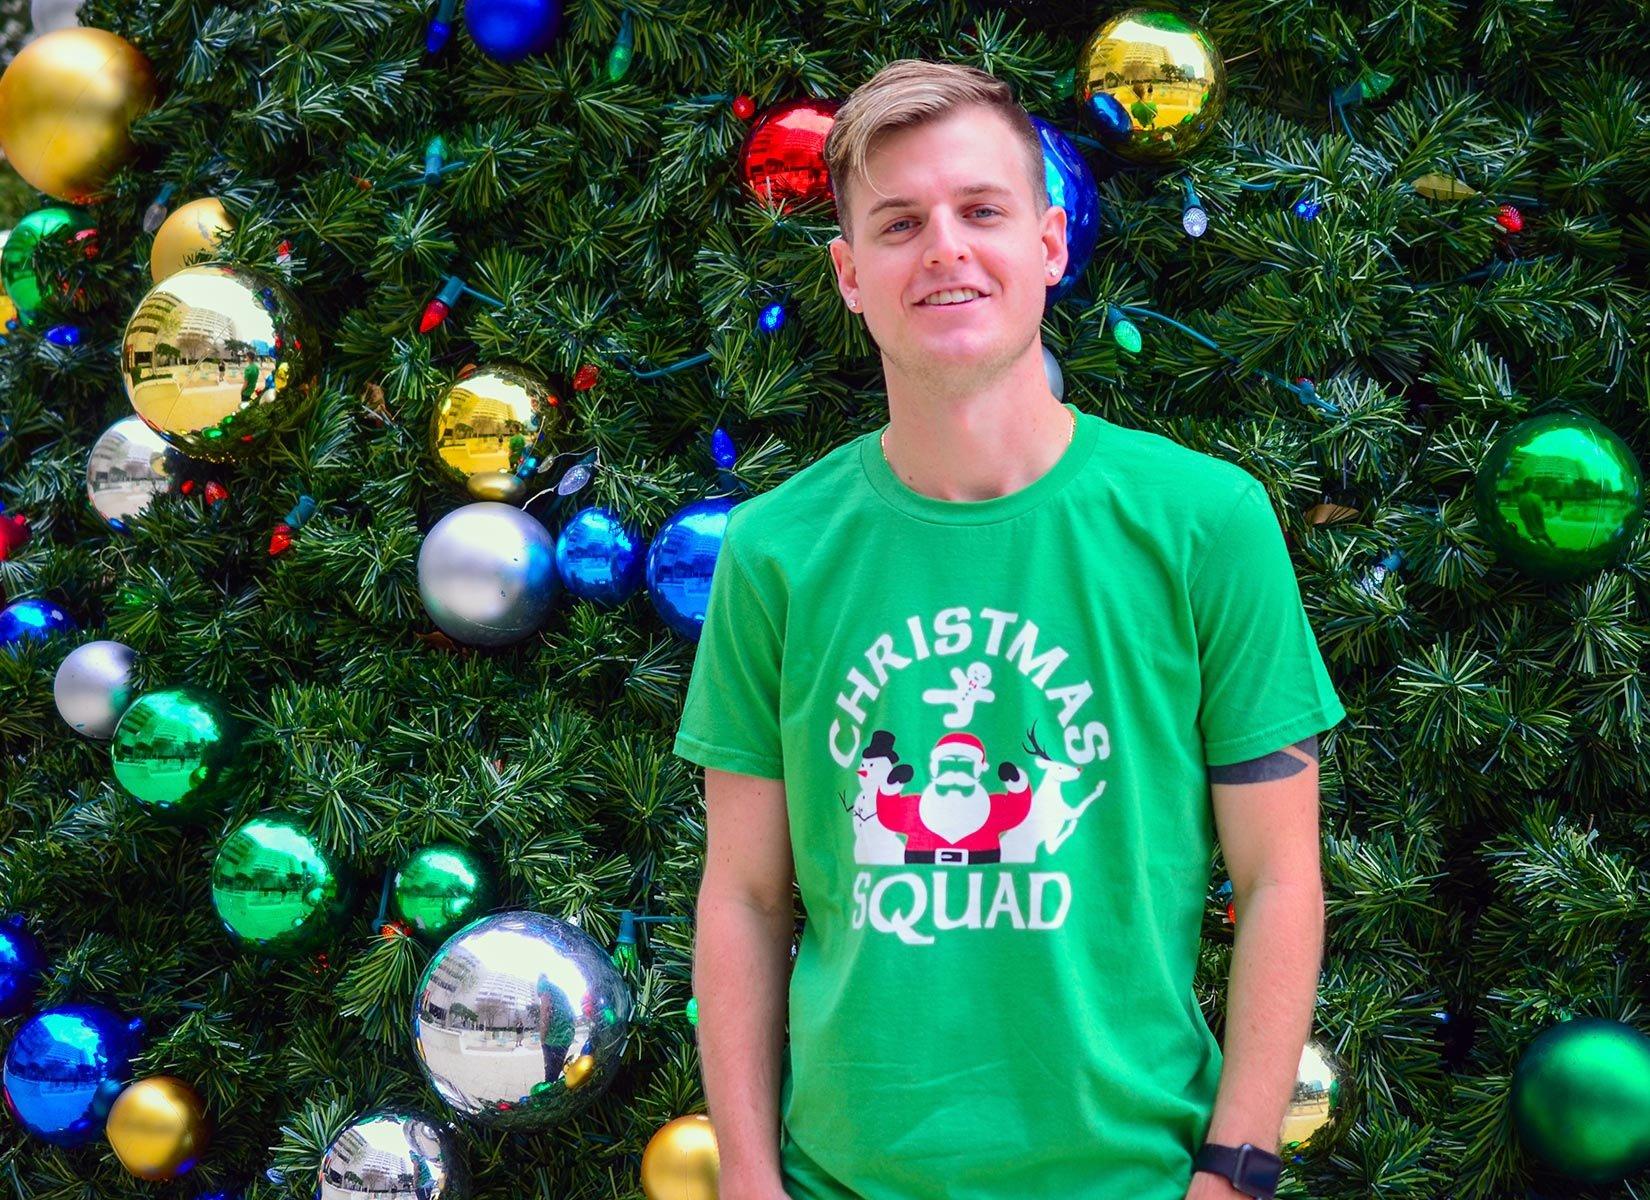 Christmas Squad on Mens T-Shirt